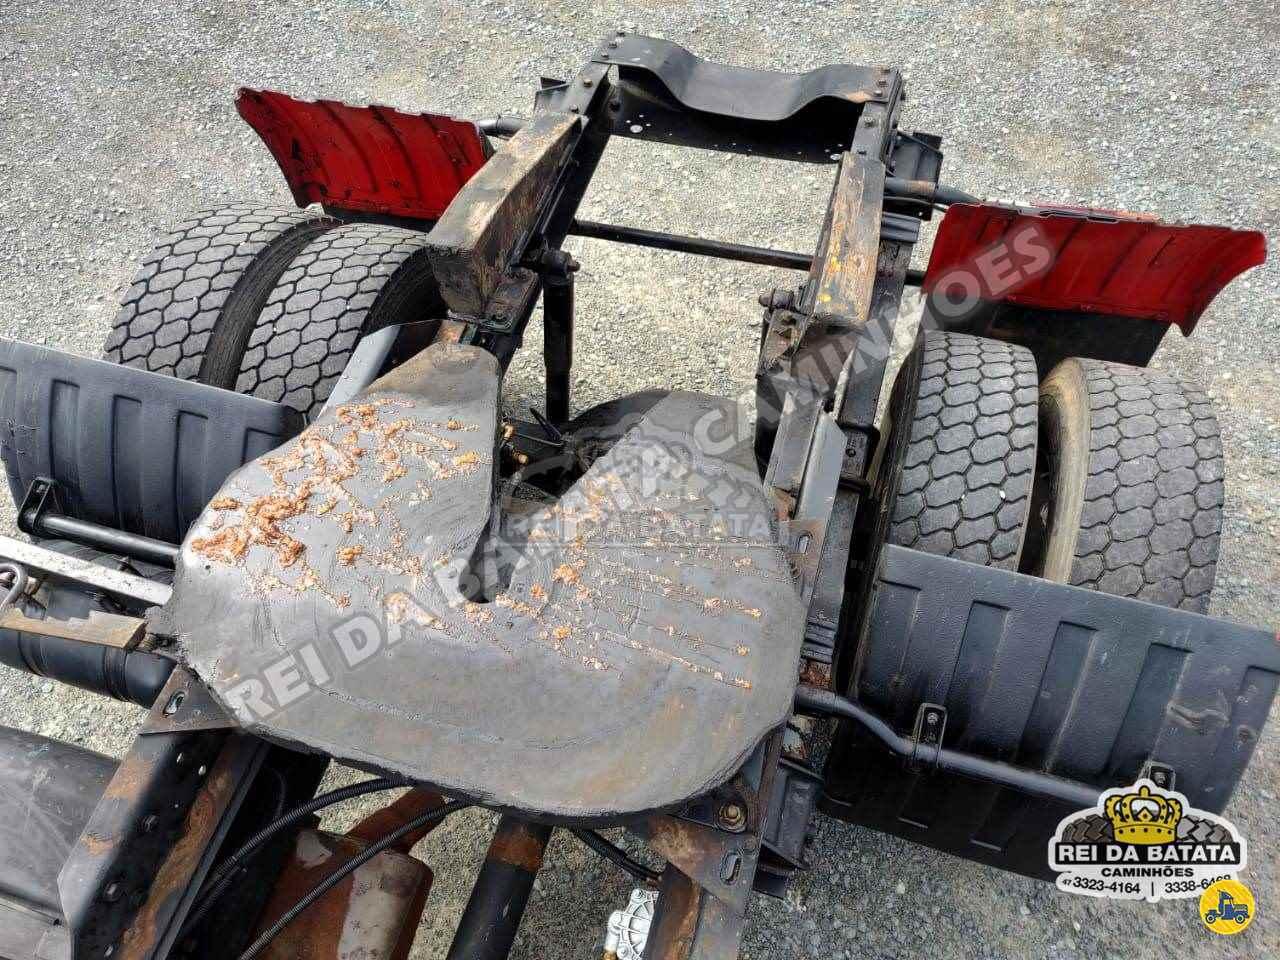 FORD CARGO 4432 900200km 2006/2006 Rei da Batata Caminhões